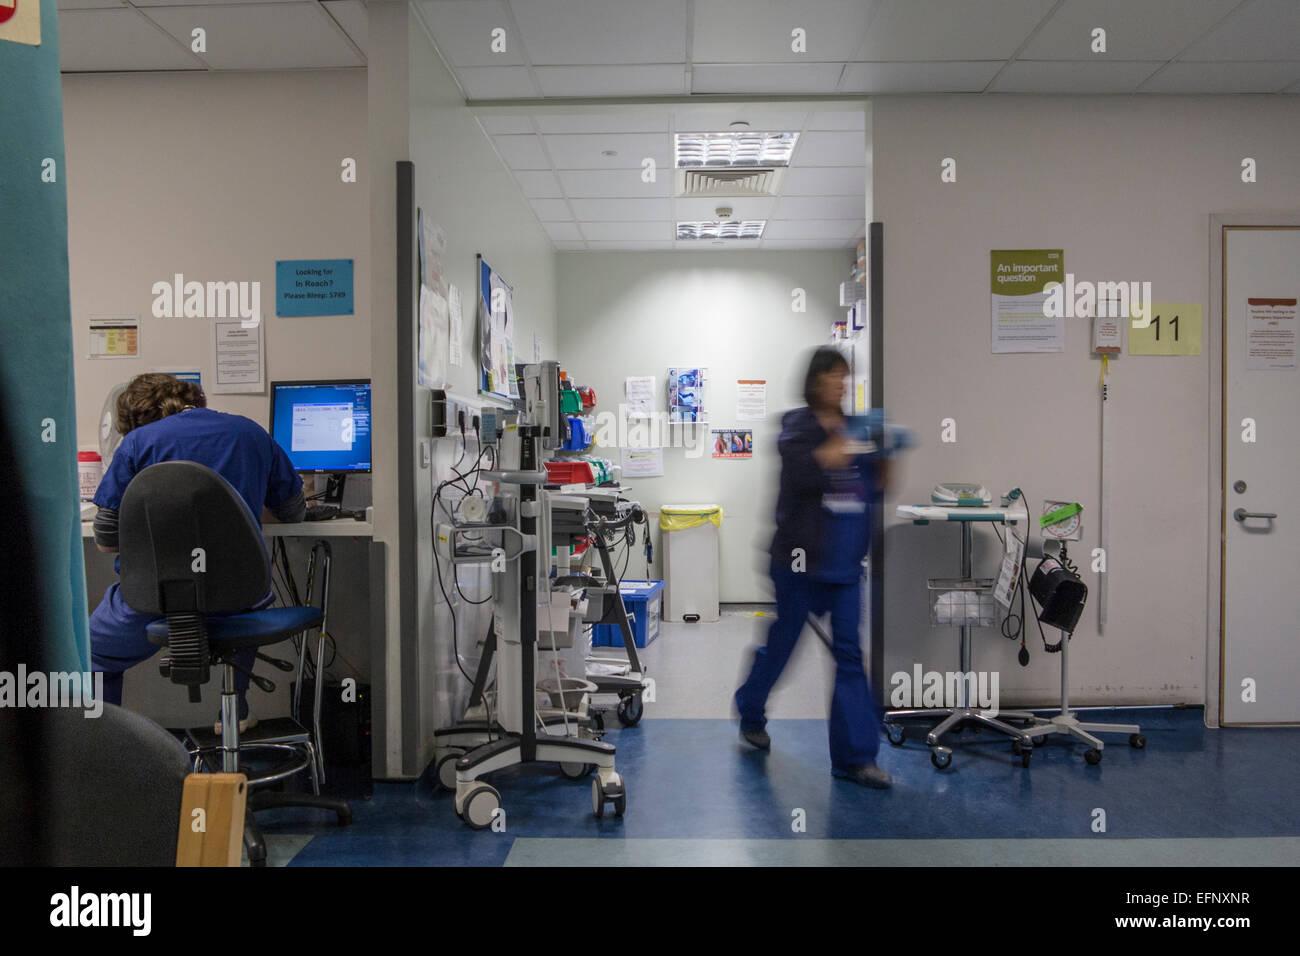 Un hôpital occupé avec les médecins, les infirmières et le personnel occupé au travail Photo Stock